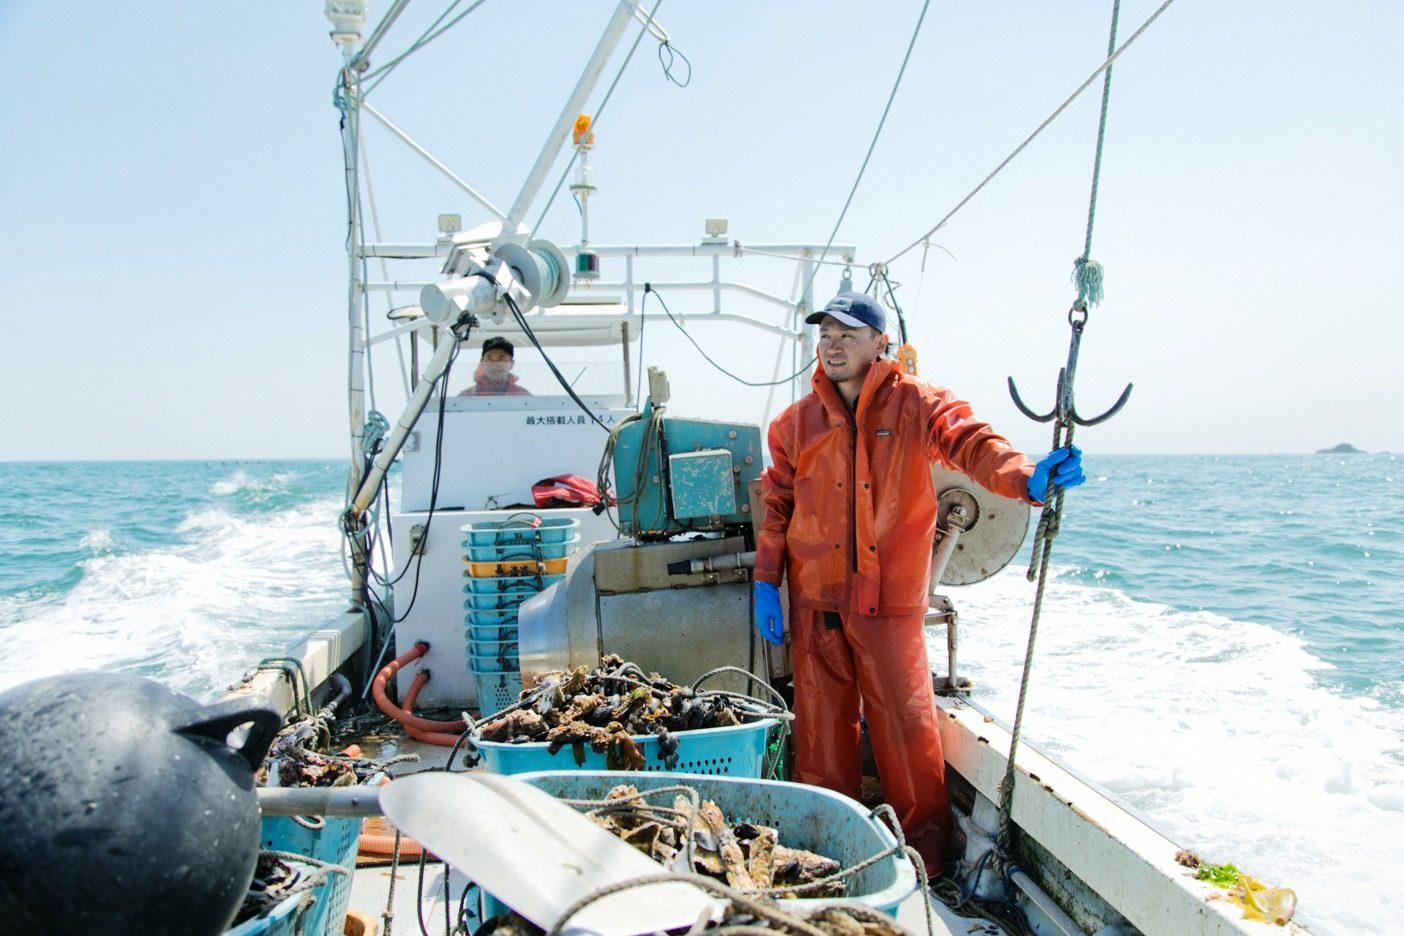 沖合で暖流の黒潮と寒流の親潮がぶつかり合い、世界有数の漁場を形成する志津川湾。後藤さんたちの願いはいつまでもこの自然環境を守り抜くことだ。写真:五十嵐 一晴